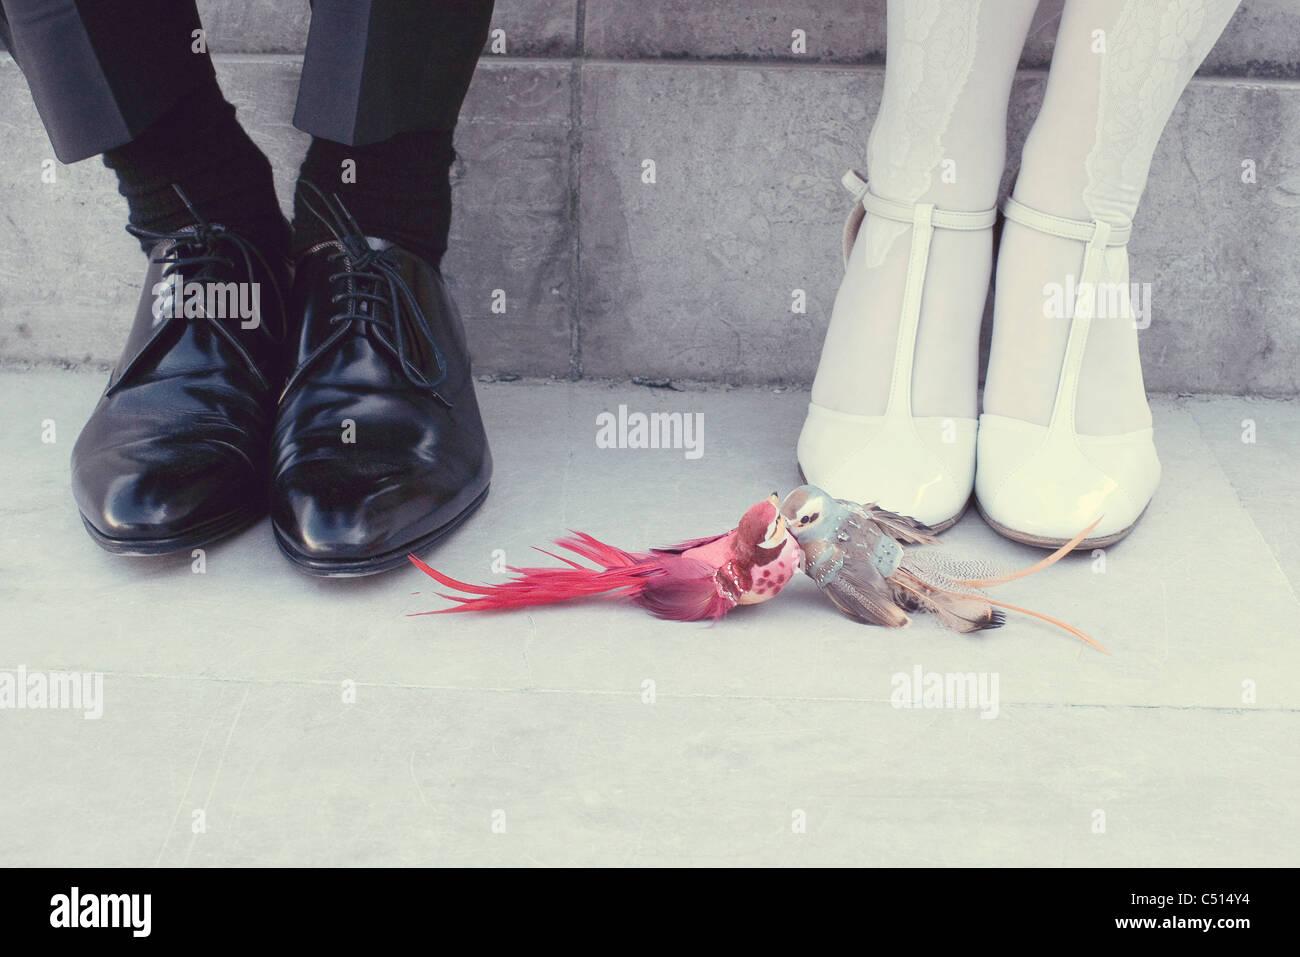 Par sentados uno al lado del otro, pájaros del amor amuleto por sus pies, bajo la sección Imagen De Stock